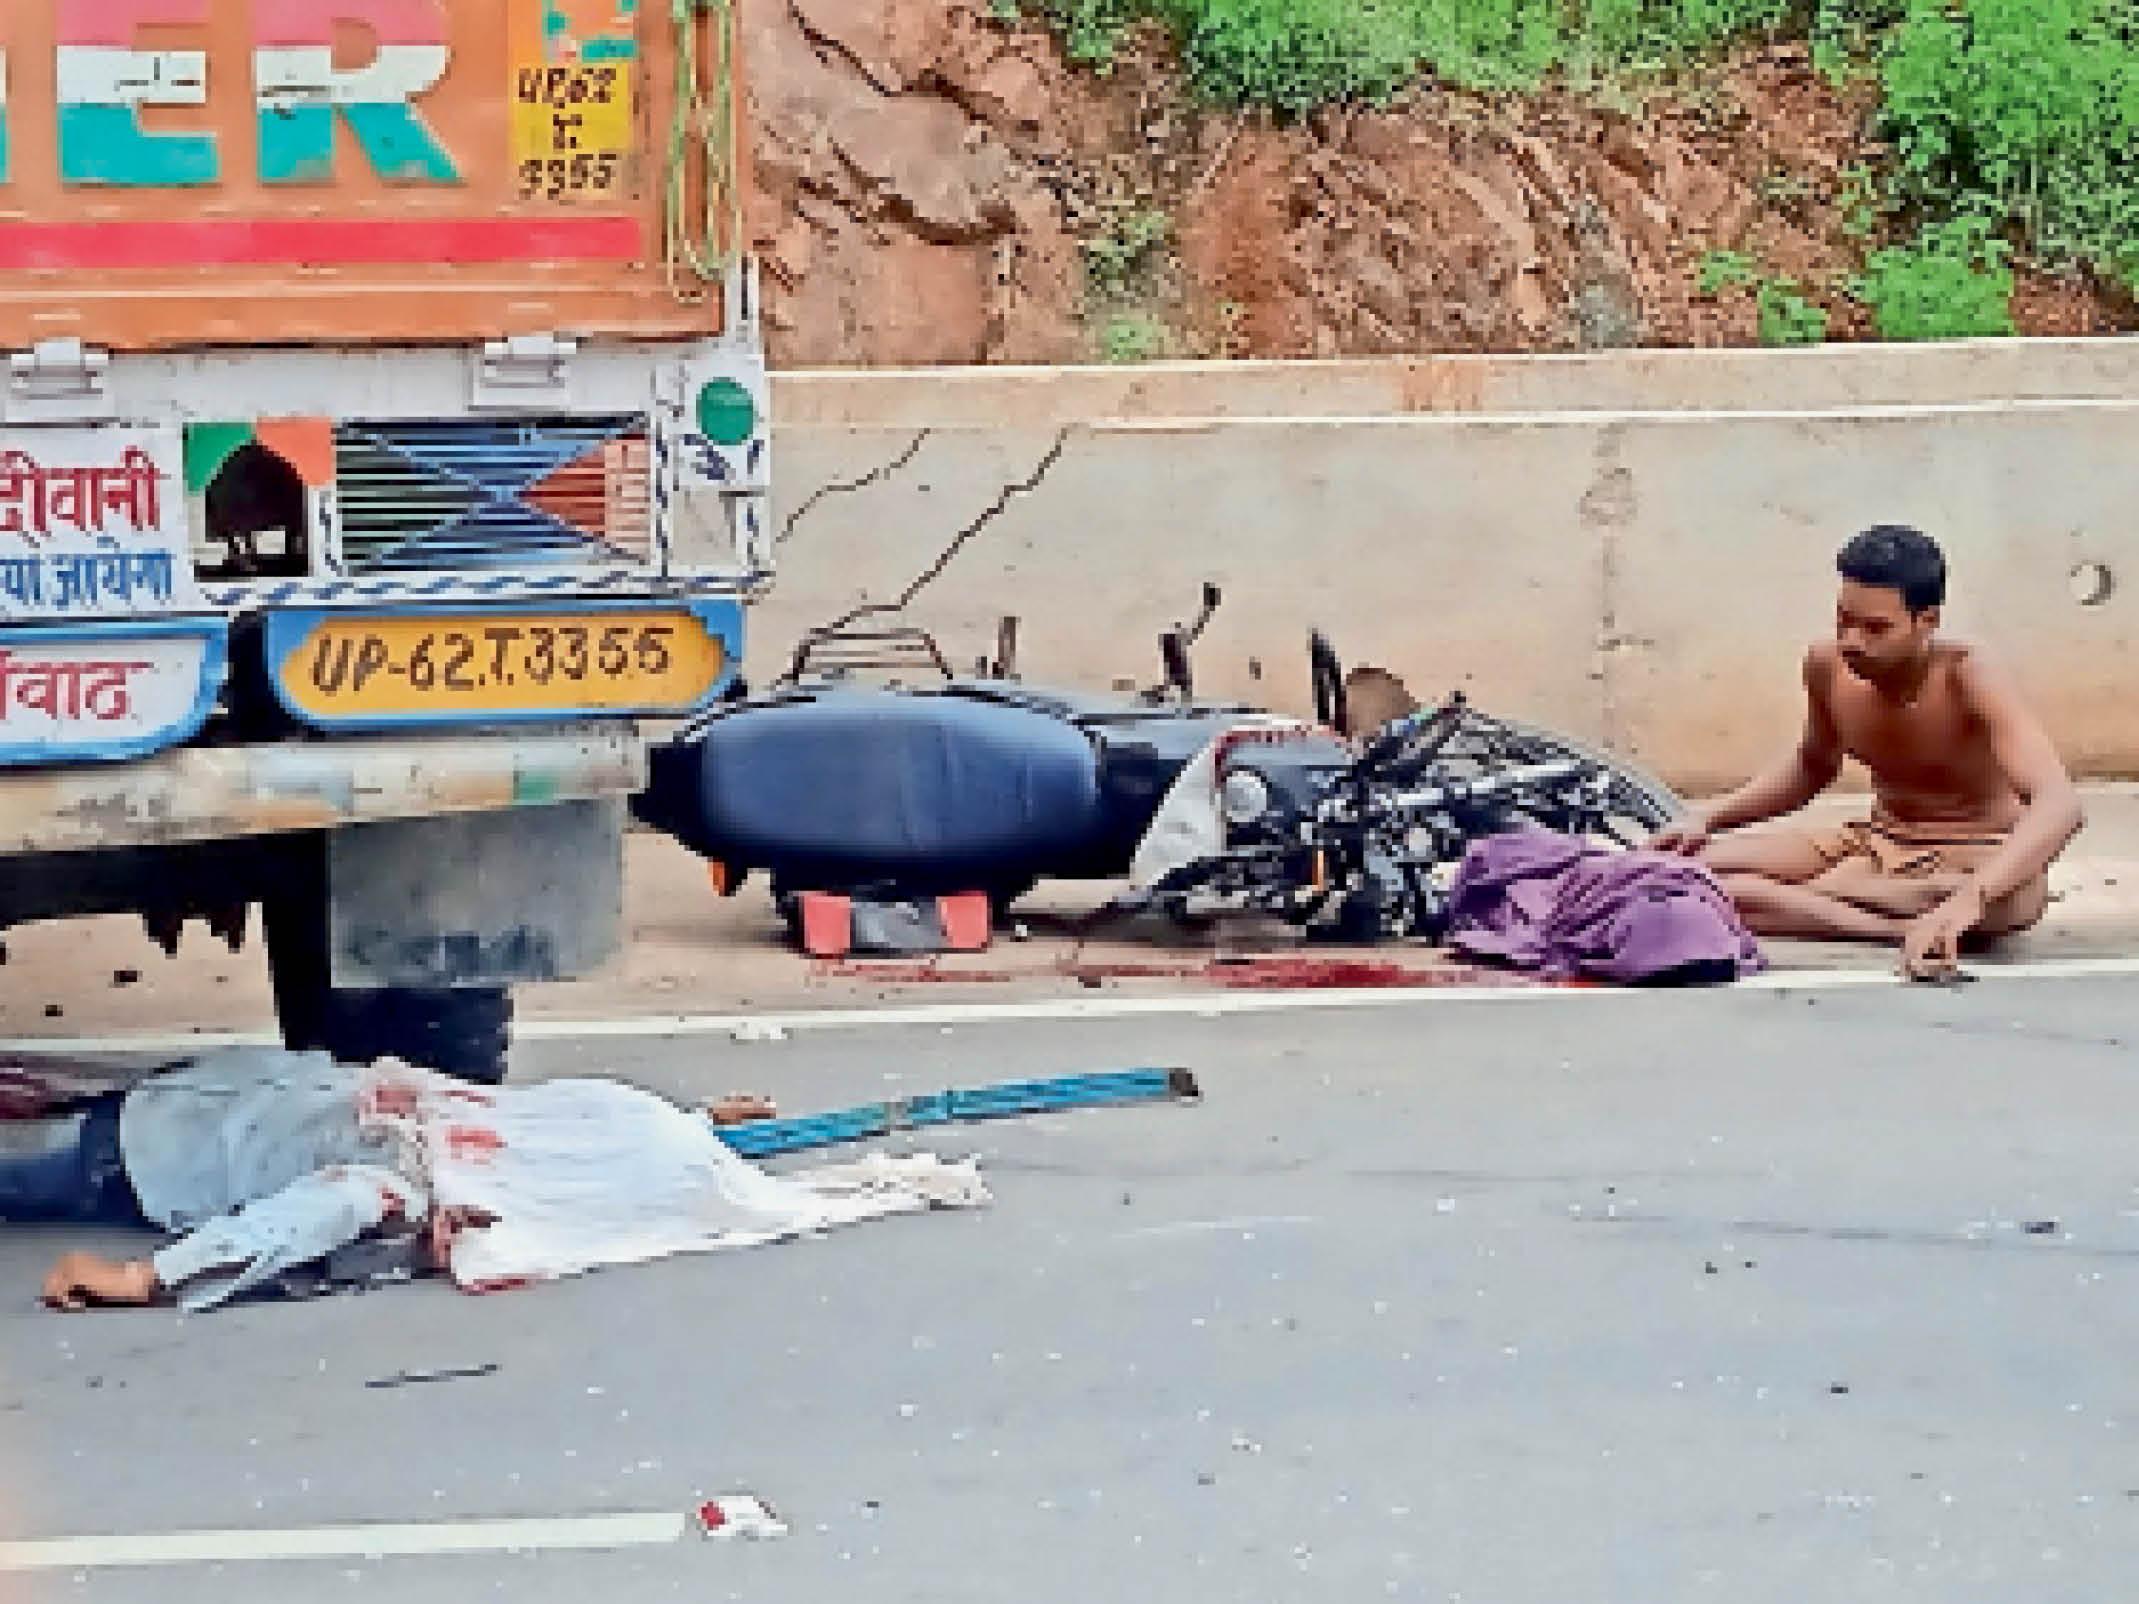 ट्रक के नीचे पड़ा पिता-पुत्र का शव, मासूम को गोद में लिए पति व बेटे के शव को देखती बेबस महिला। - Dainik Bhaskar